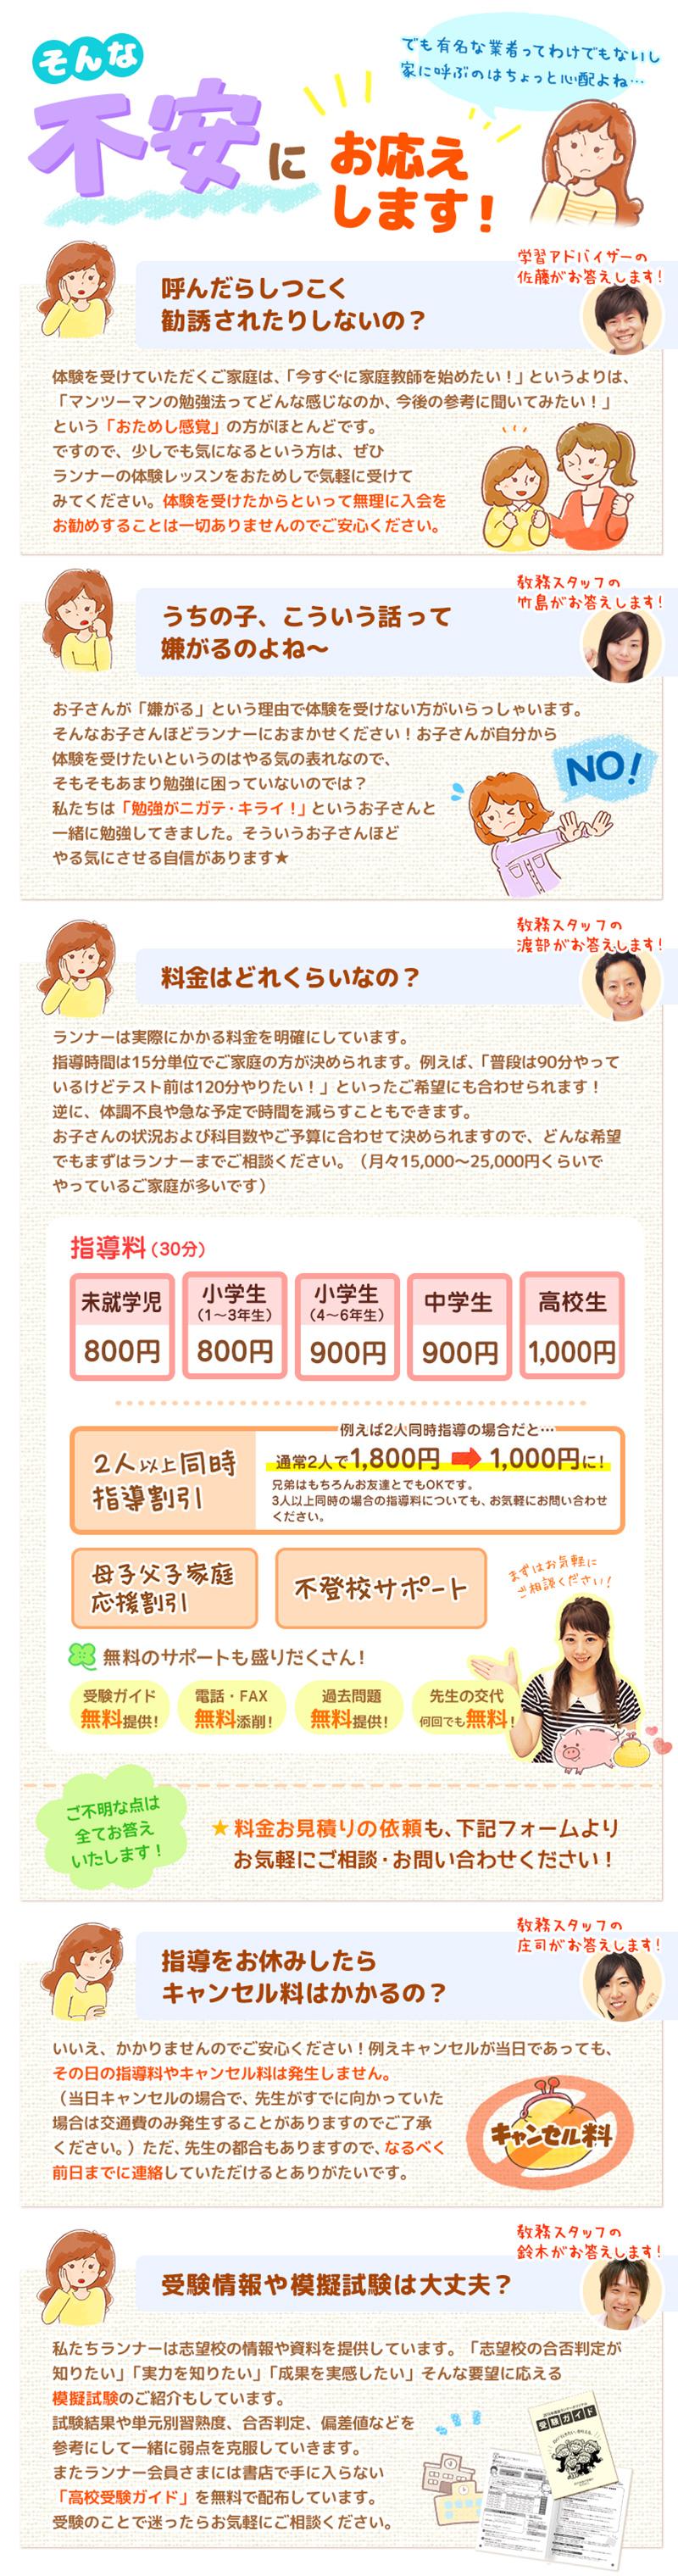 (熊本県のお客様のページ)そんな不安にお応えします!